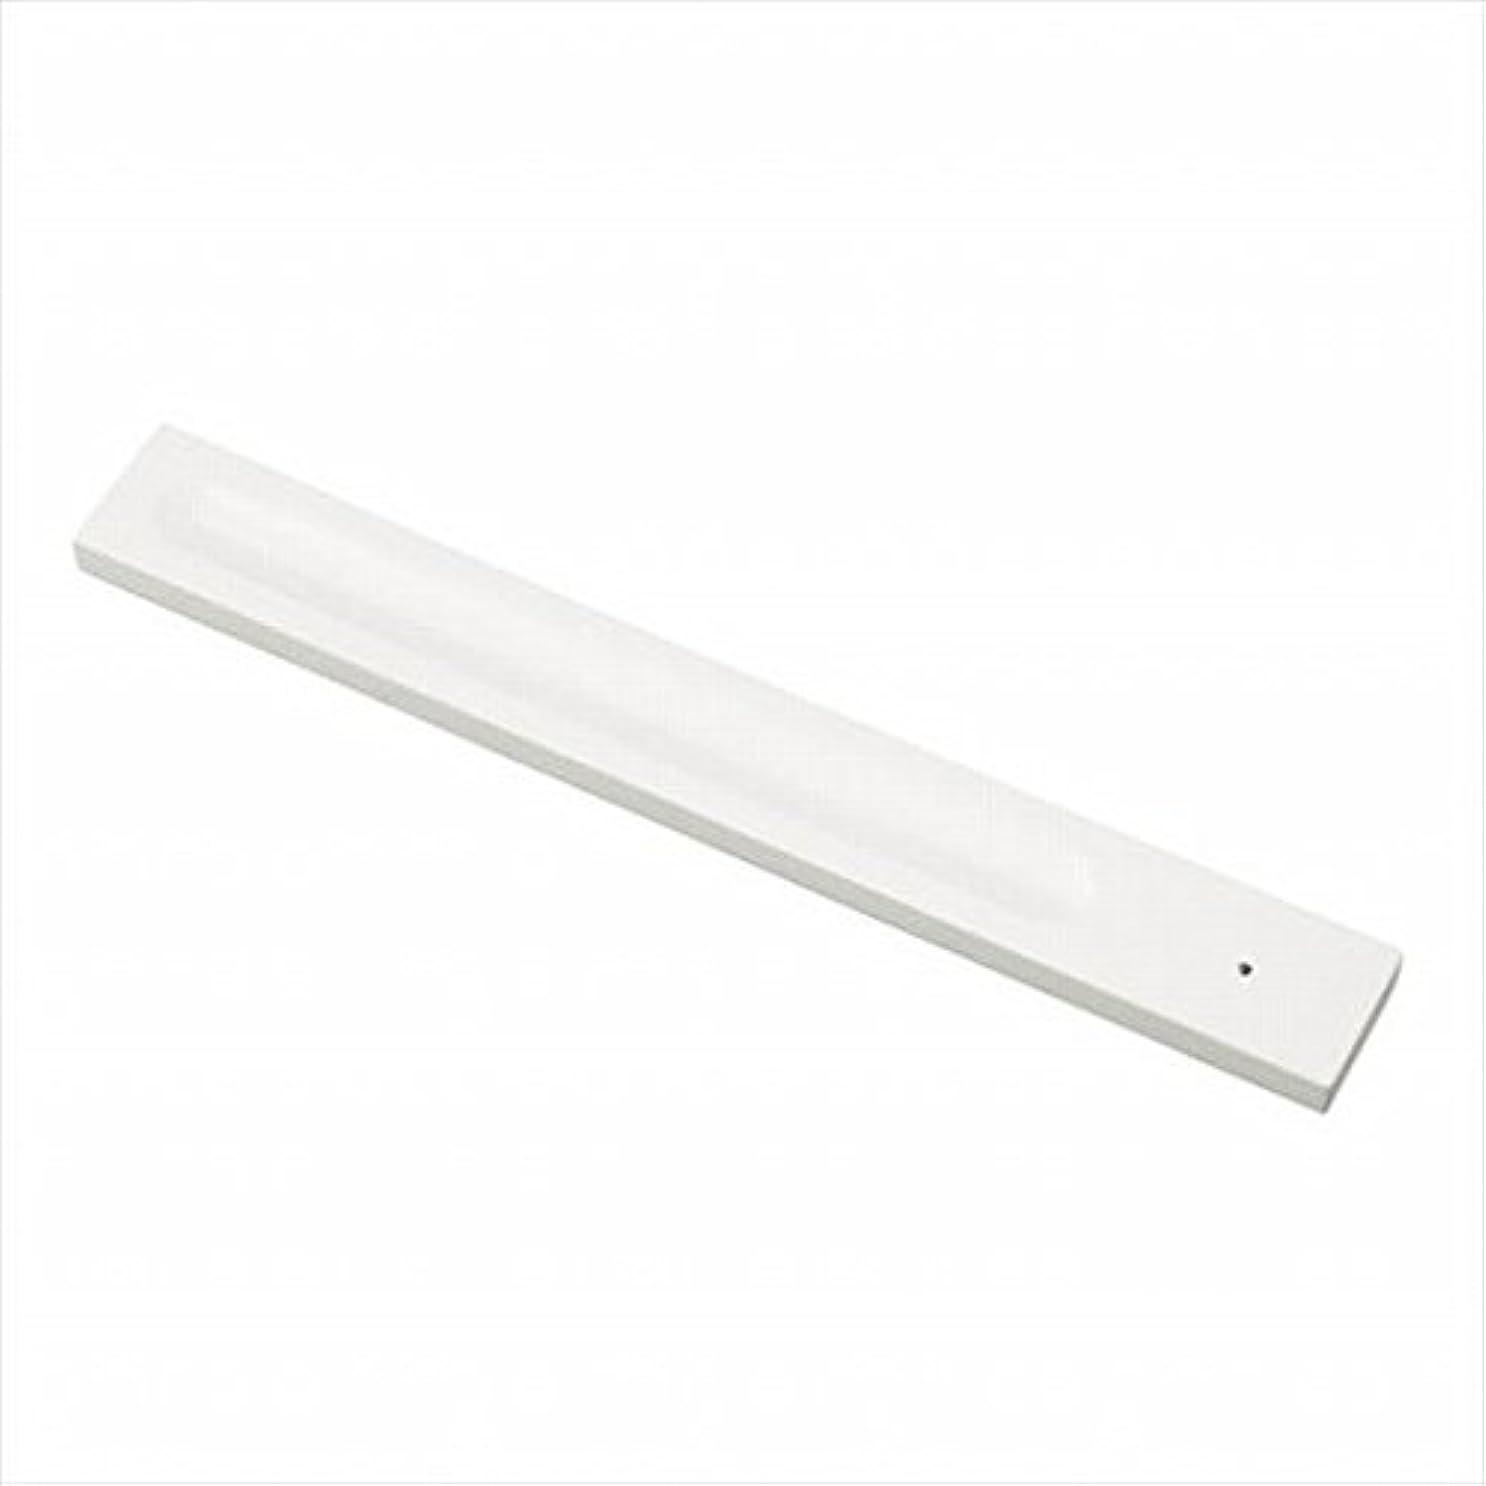 処方形式奇妙なkameyama candle(カメヤマキャンドル) バンブーインセンス用ホルダースクエア 「 ホワイト 」 キャンドル 30x246x9mm (E3130000W)